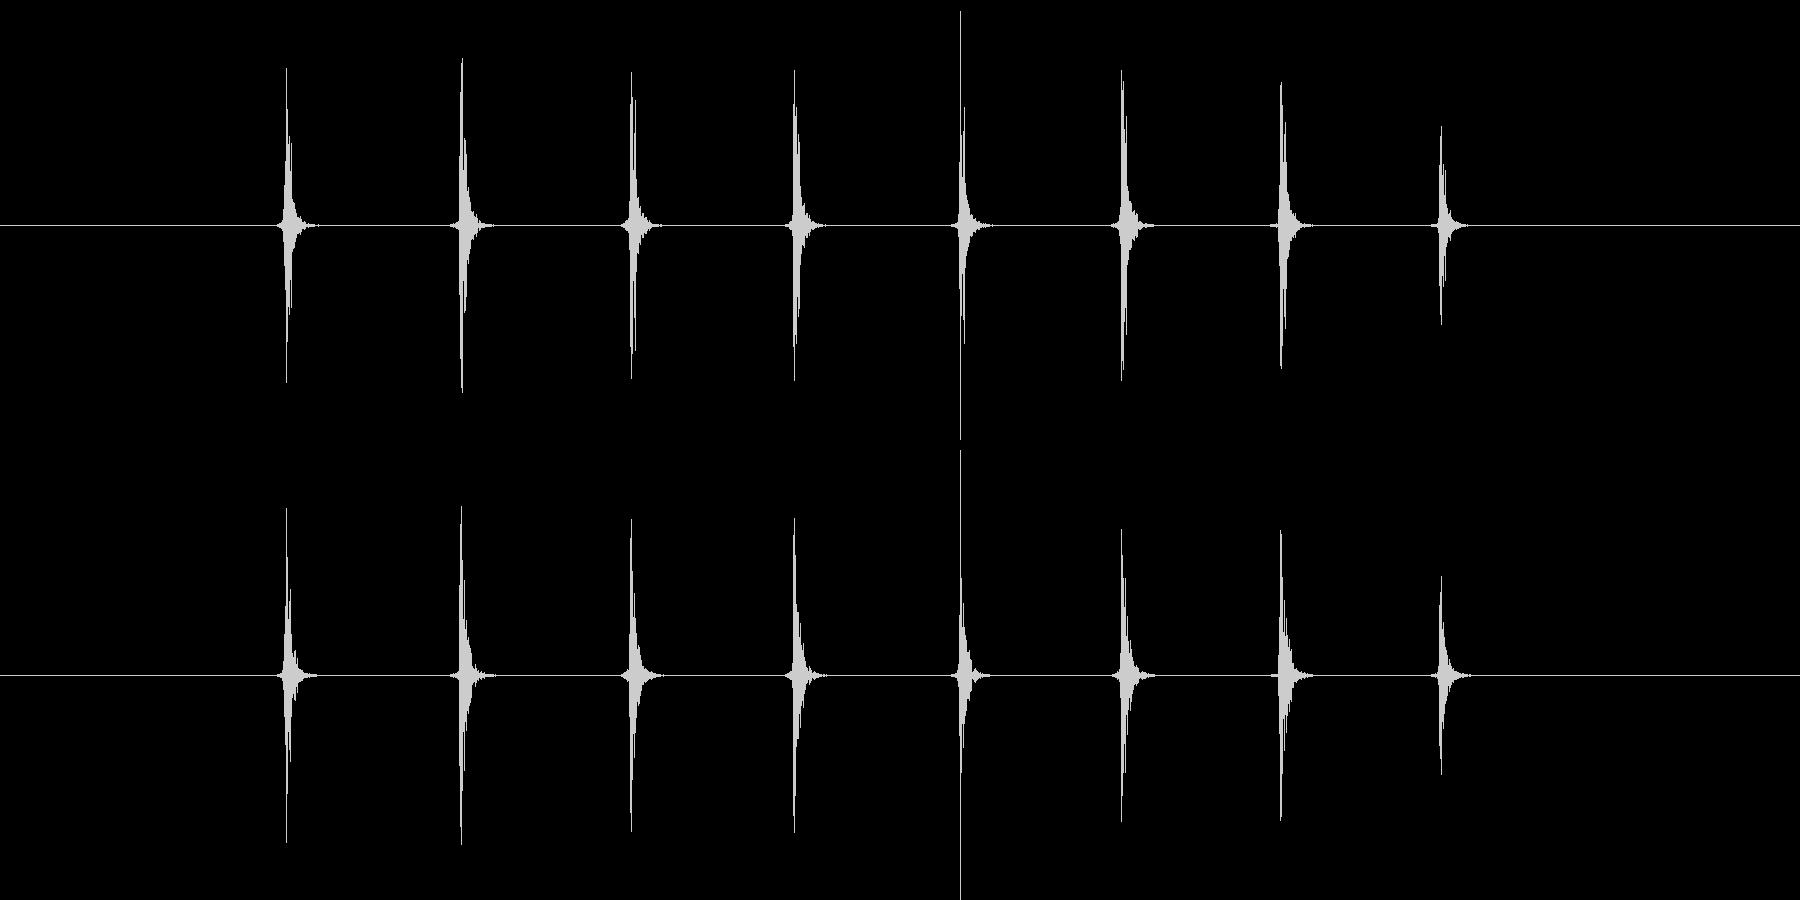 【生音】手・叩く - 4 「ぱちぱちぱ…の未再生の波形